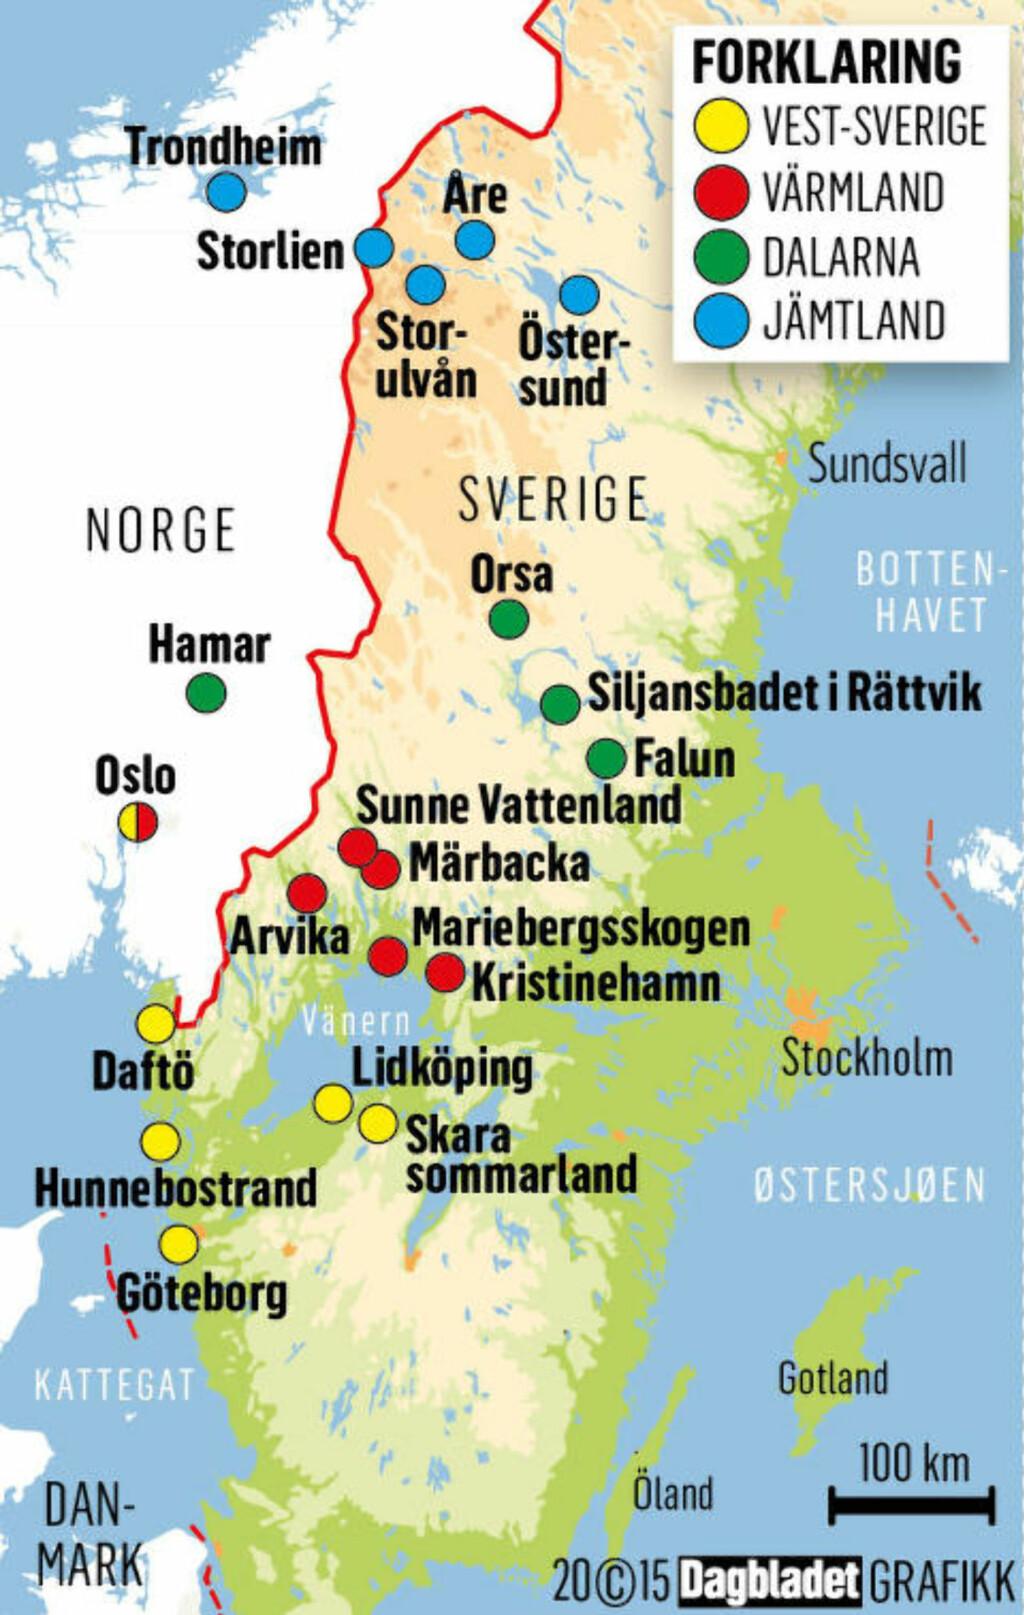 kart over strømstad sverige Se alt du kan gjøre sammen med familien i Sverige   Dagbladet kart over strømstad sverige